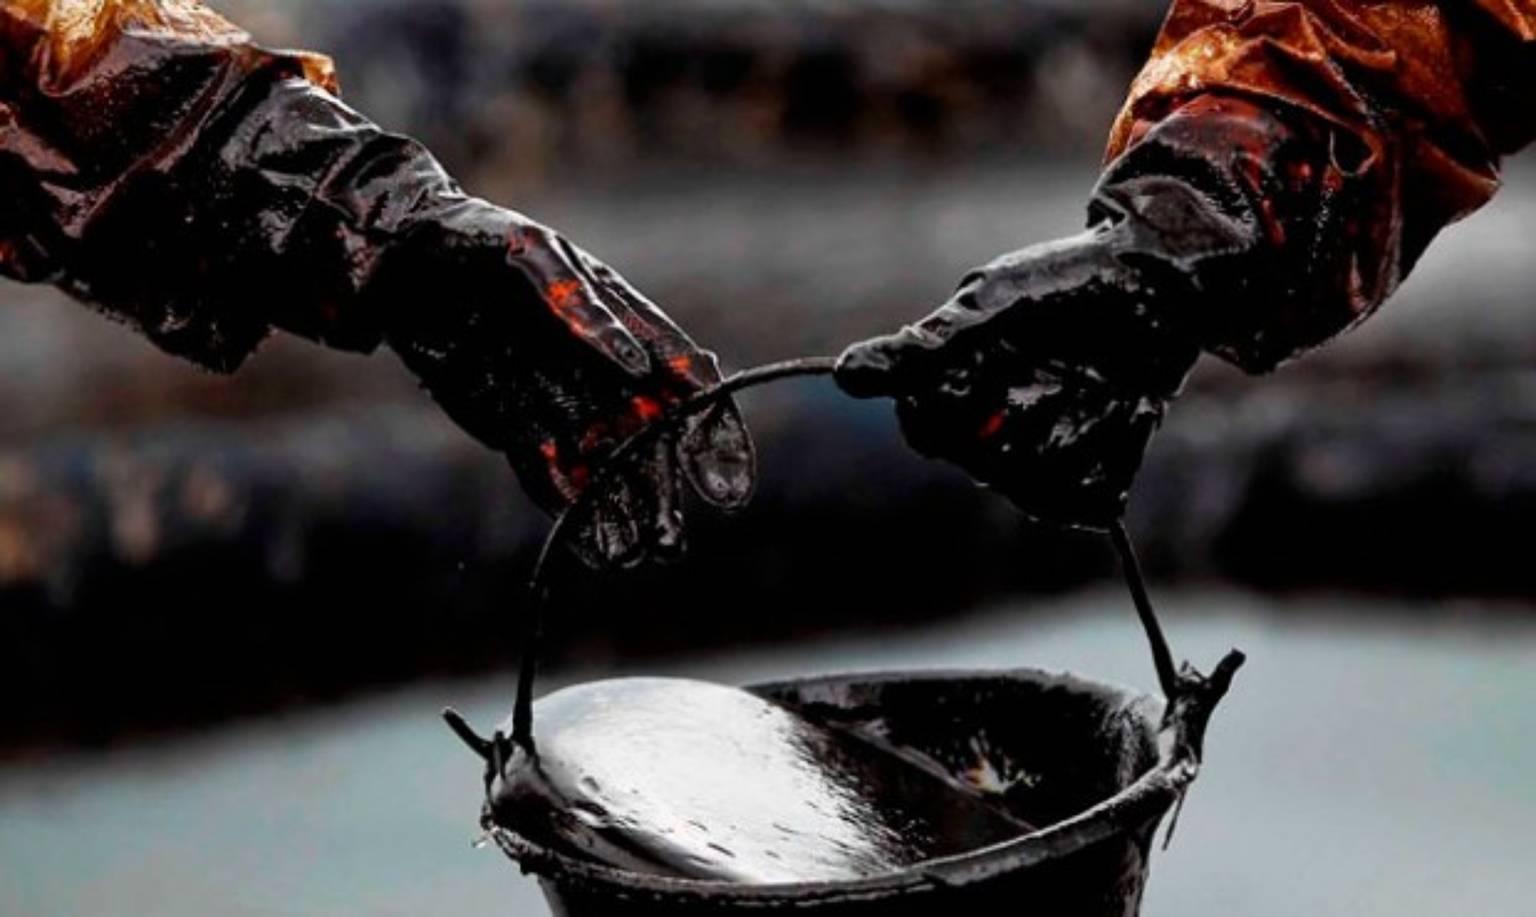 Американцы обеспечили договор по нефти между ираком и курдами